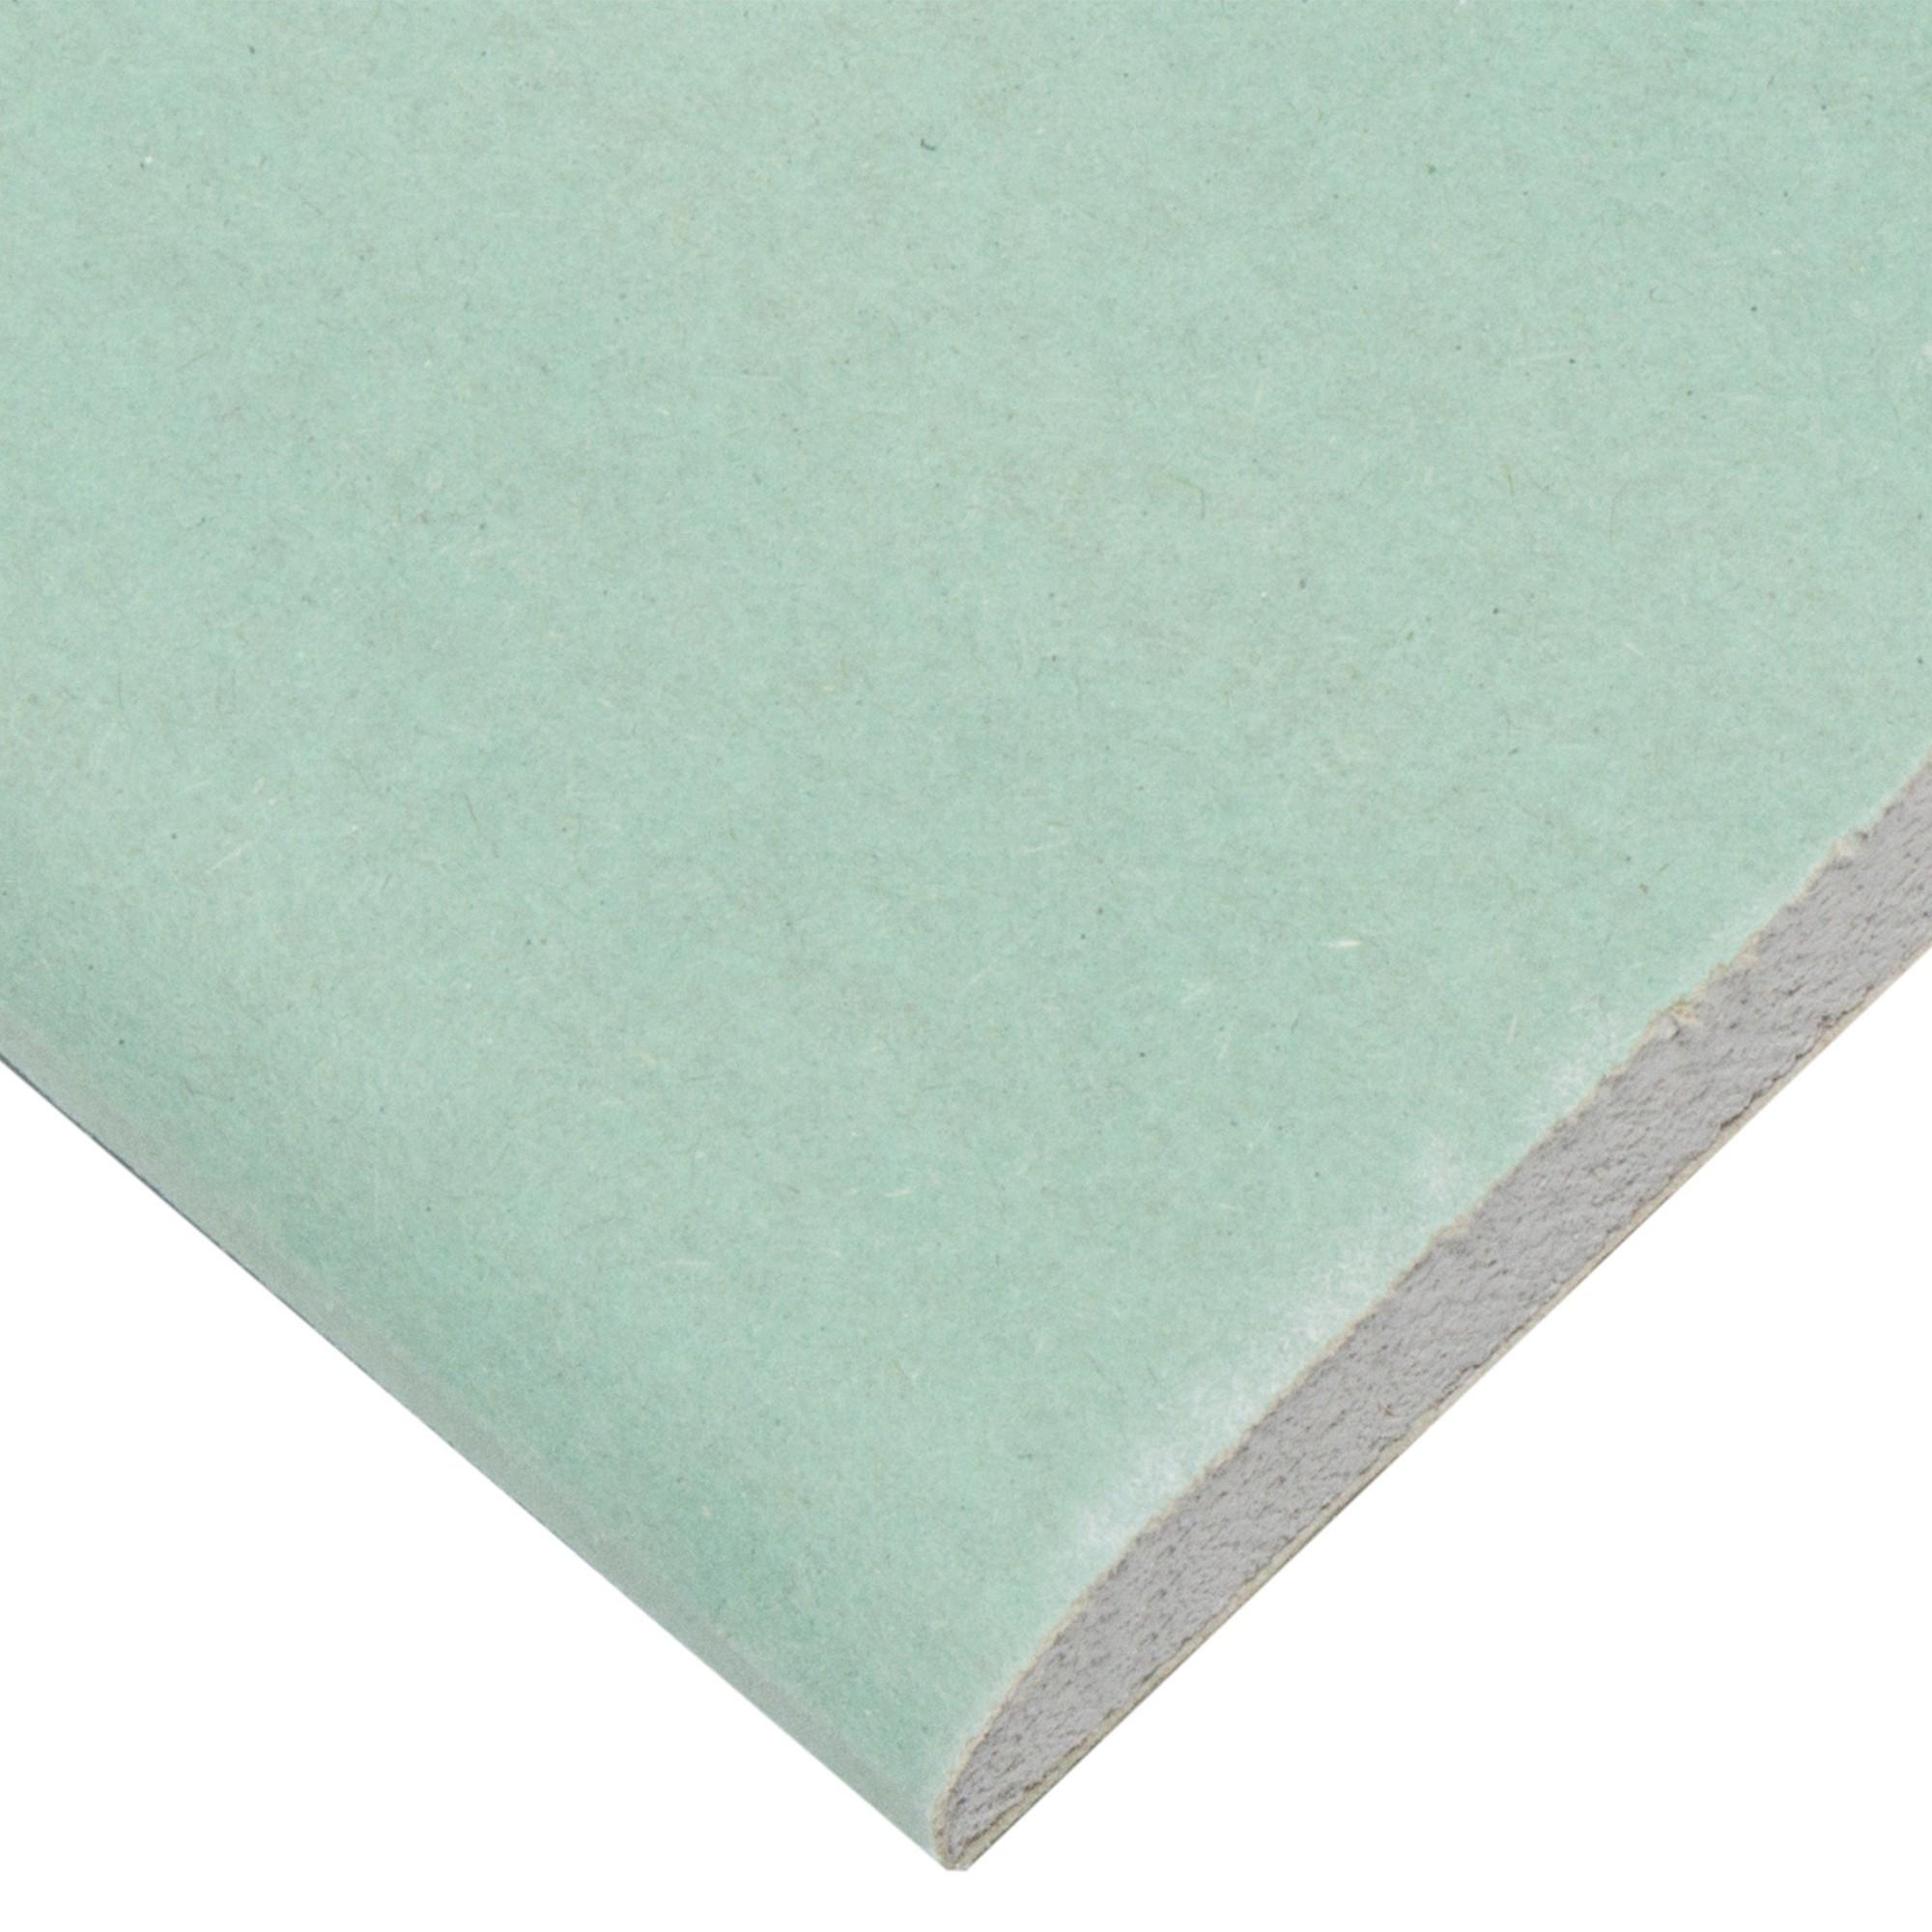 Гипсокартон влагостойкий Knauf ГСП-Н 1500x600х12.5 мм